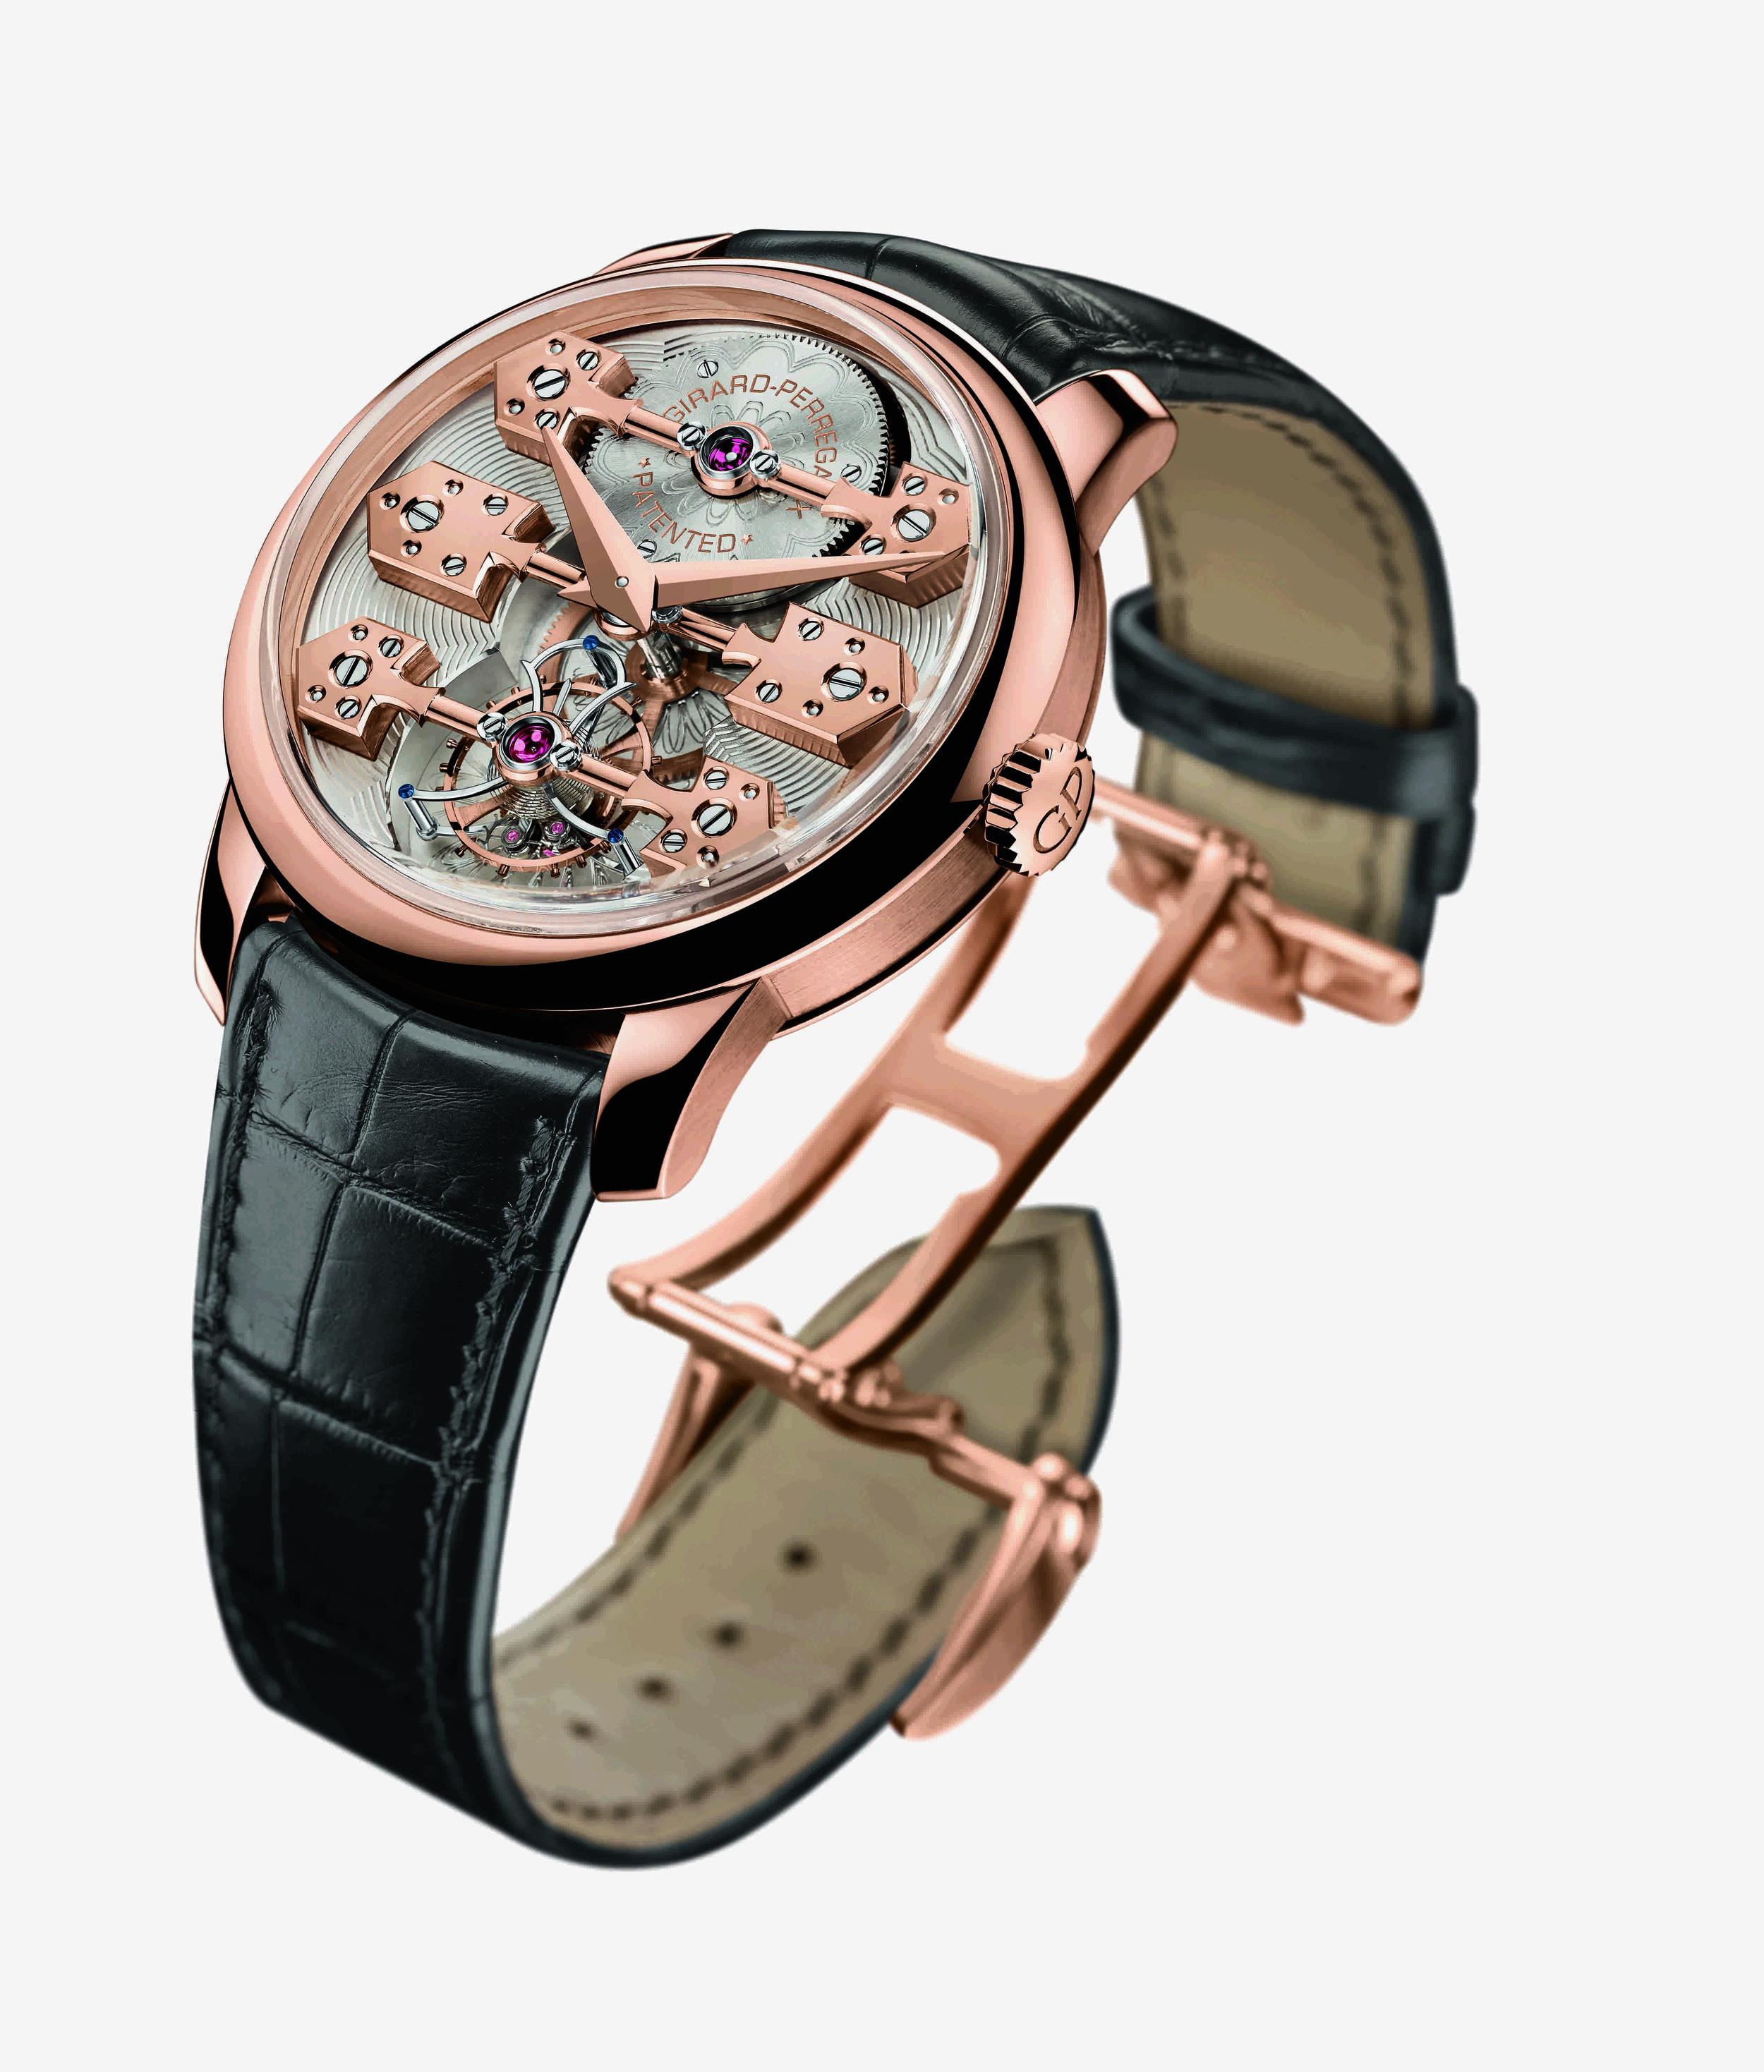 Tourbillon Watch Prize: